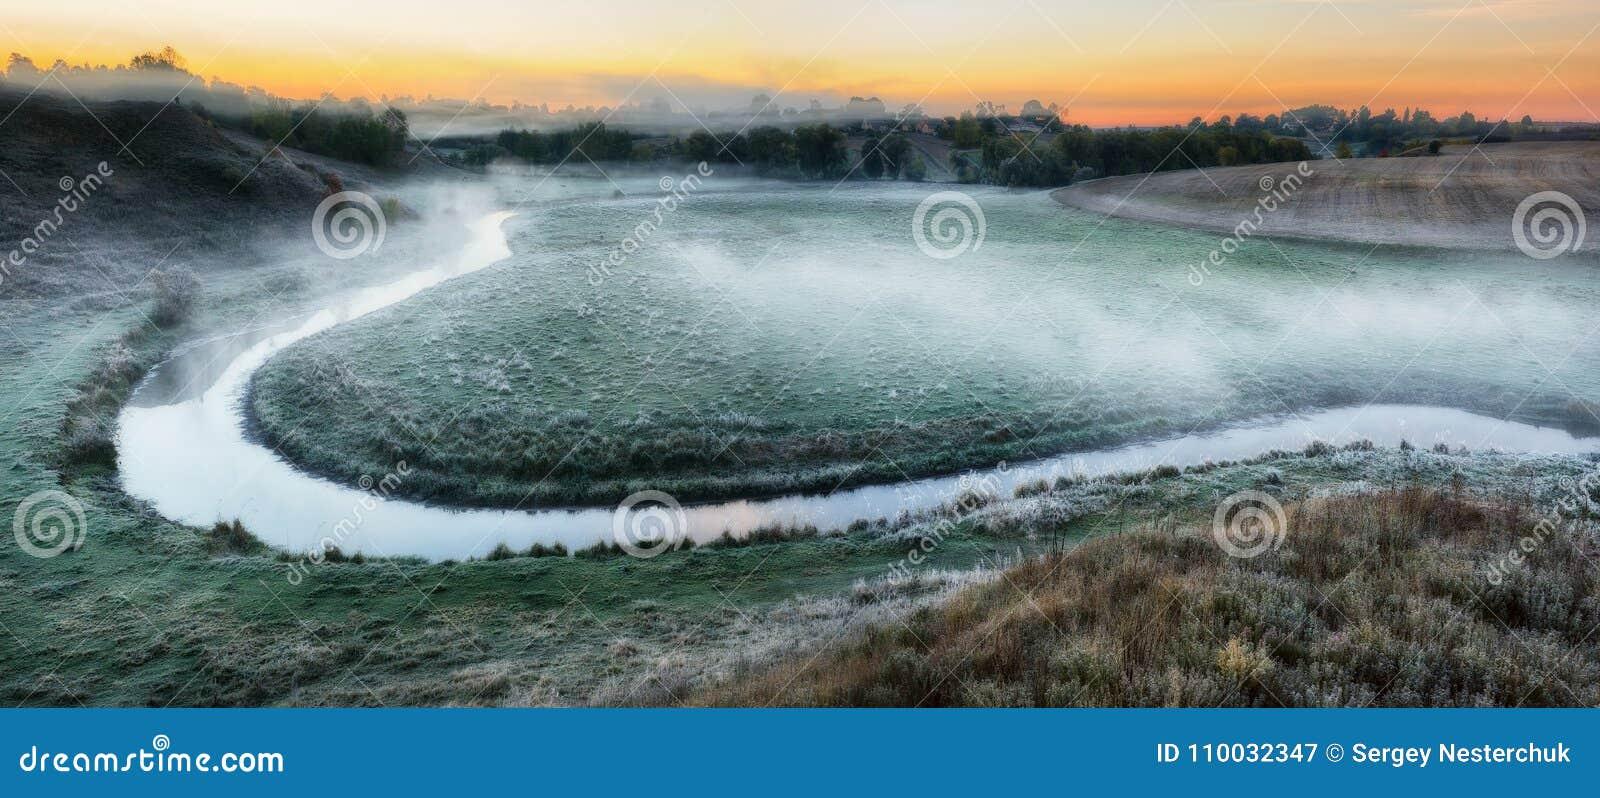 Ochtend Dawn door de rivier schilderachtige mist